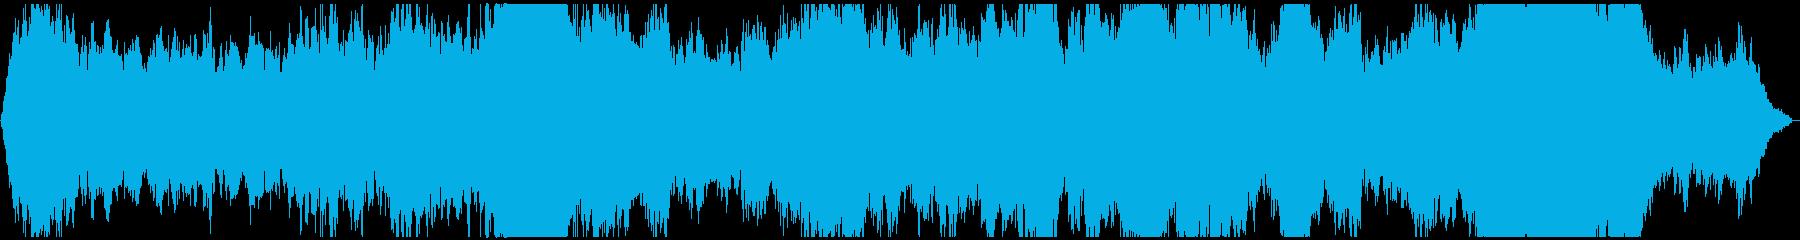 PADS 悪い夢01の再生済みの波形